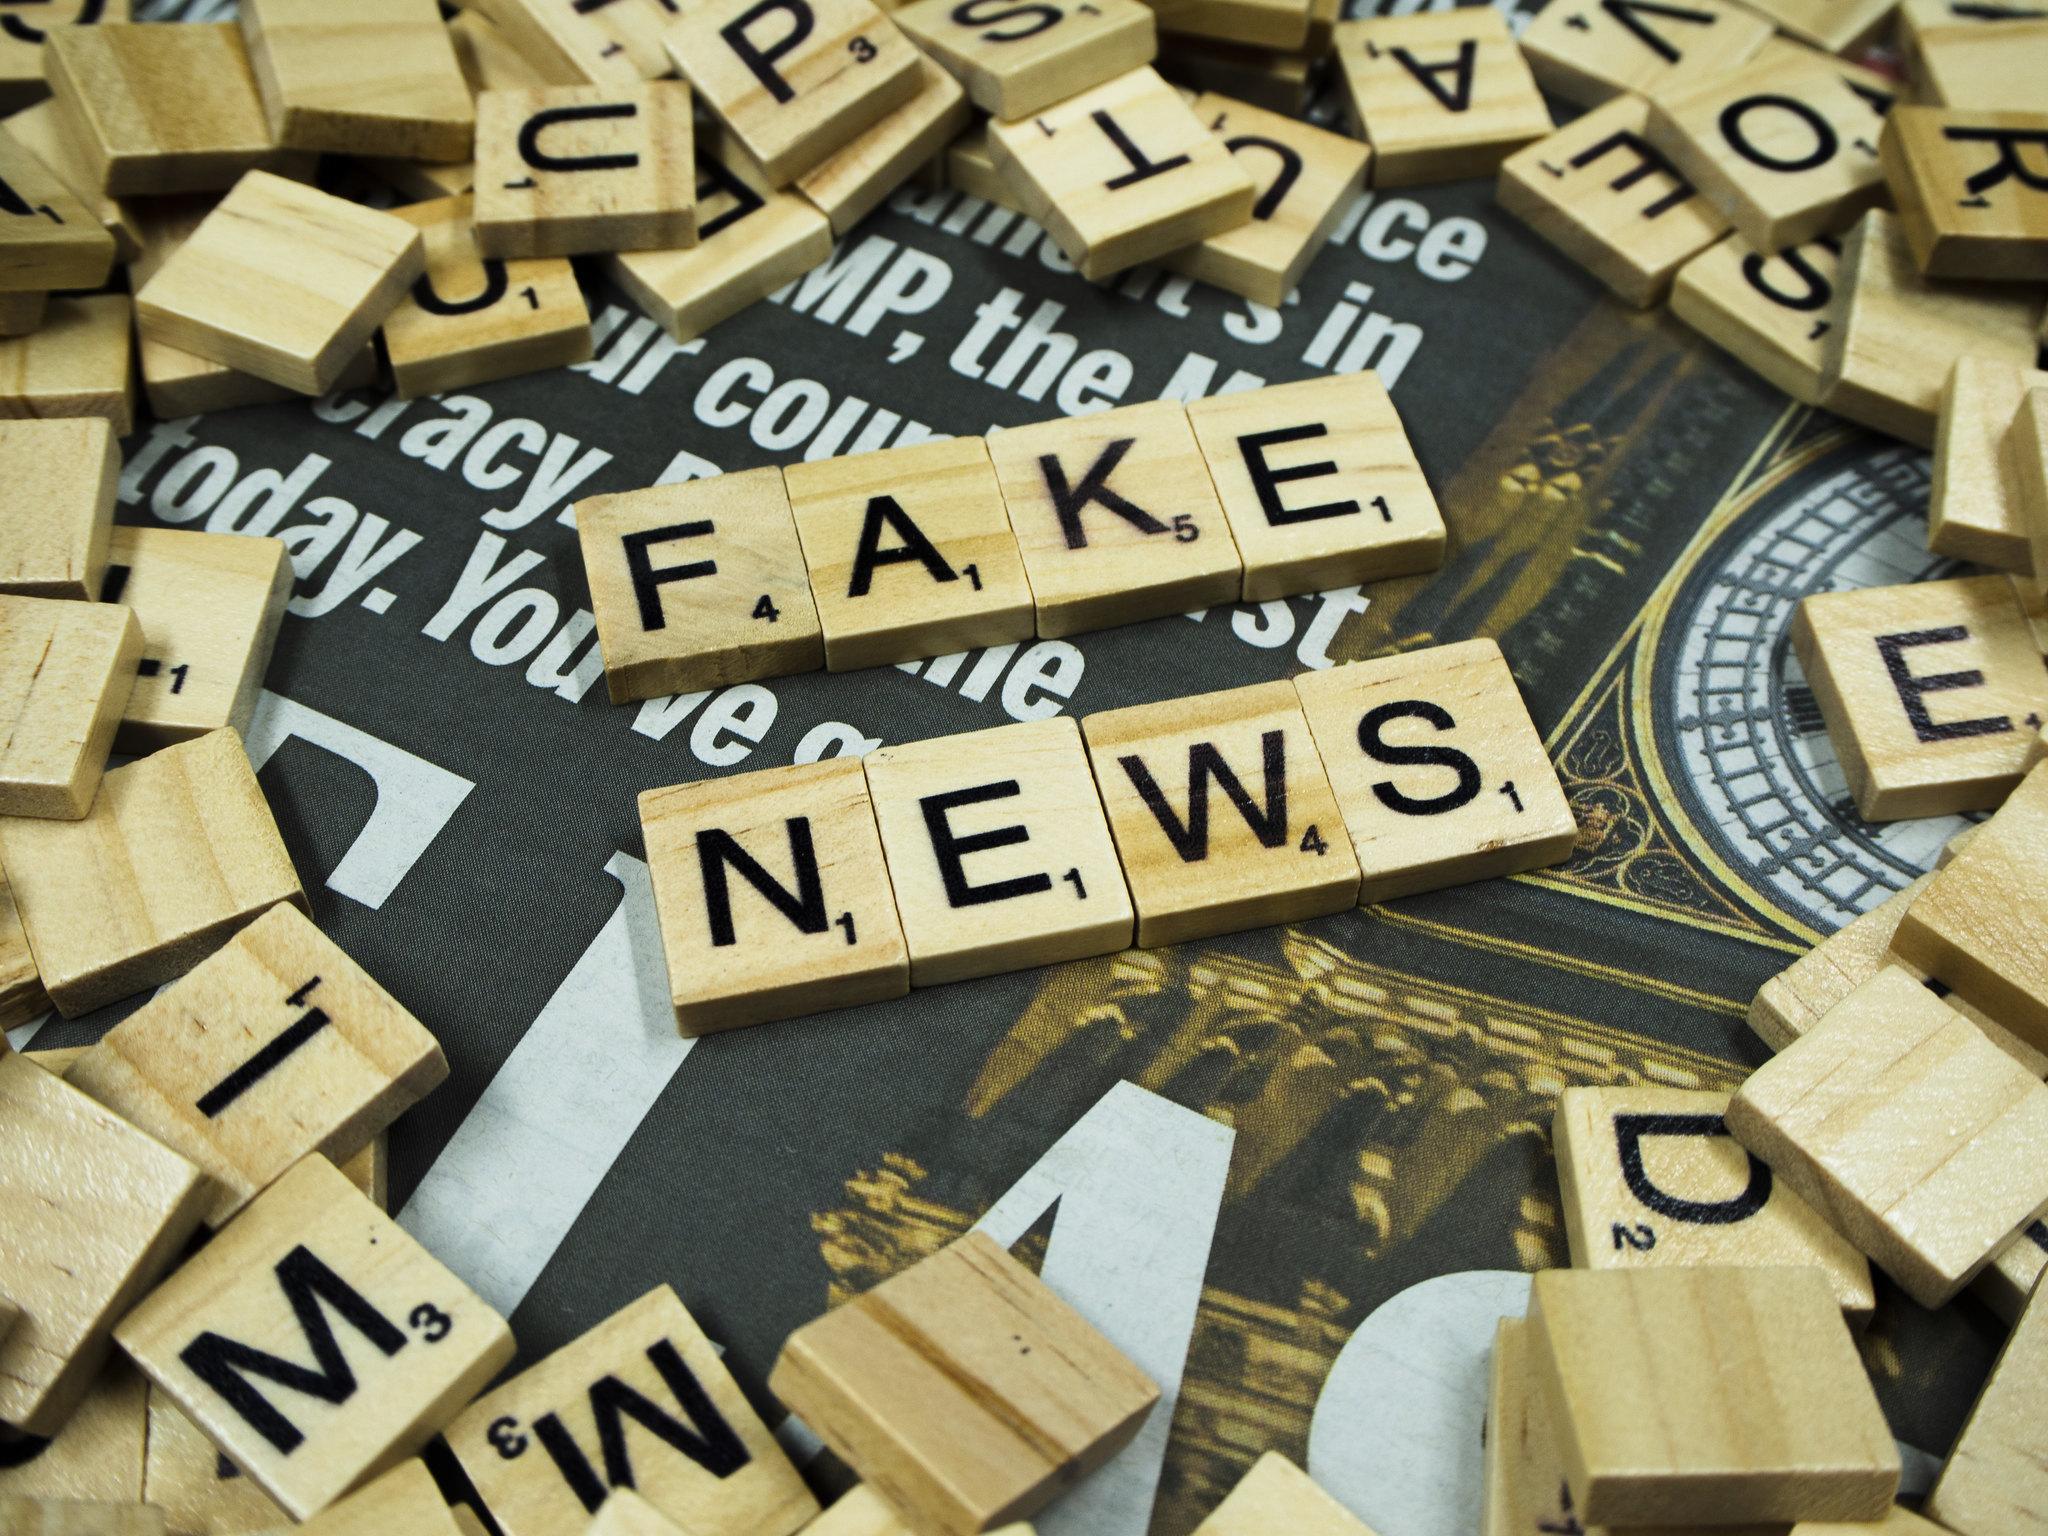 """Materiał """"Disinformation Matters"""" (""""Dezinformacja ma znaczenie"""")"""